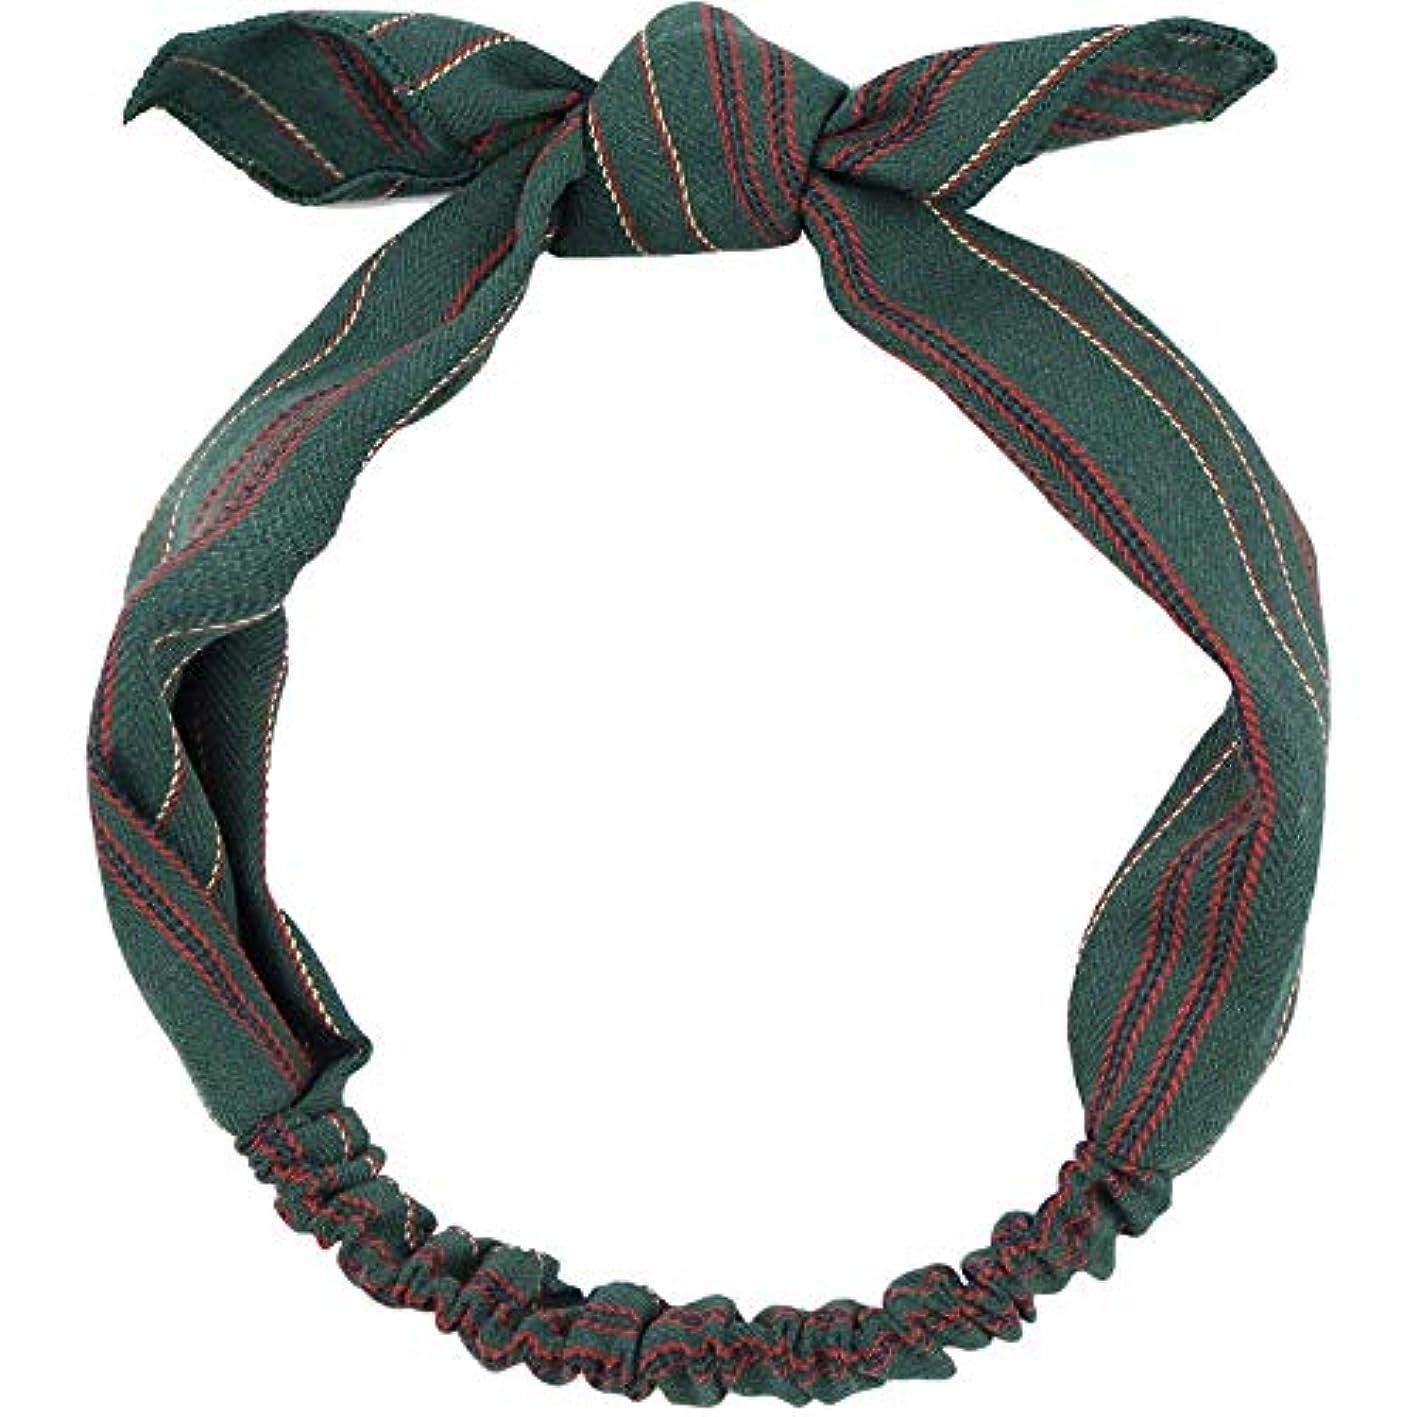 リーダーシップ忌まわしいスチュアート島濃い緑の綿と麻のチョウの交差する女性のゆるい髪飾りのカチューシャ